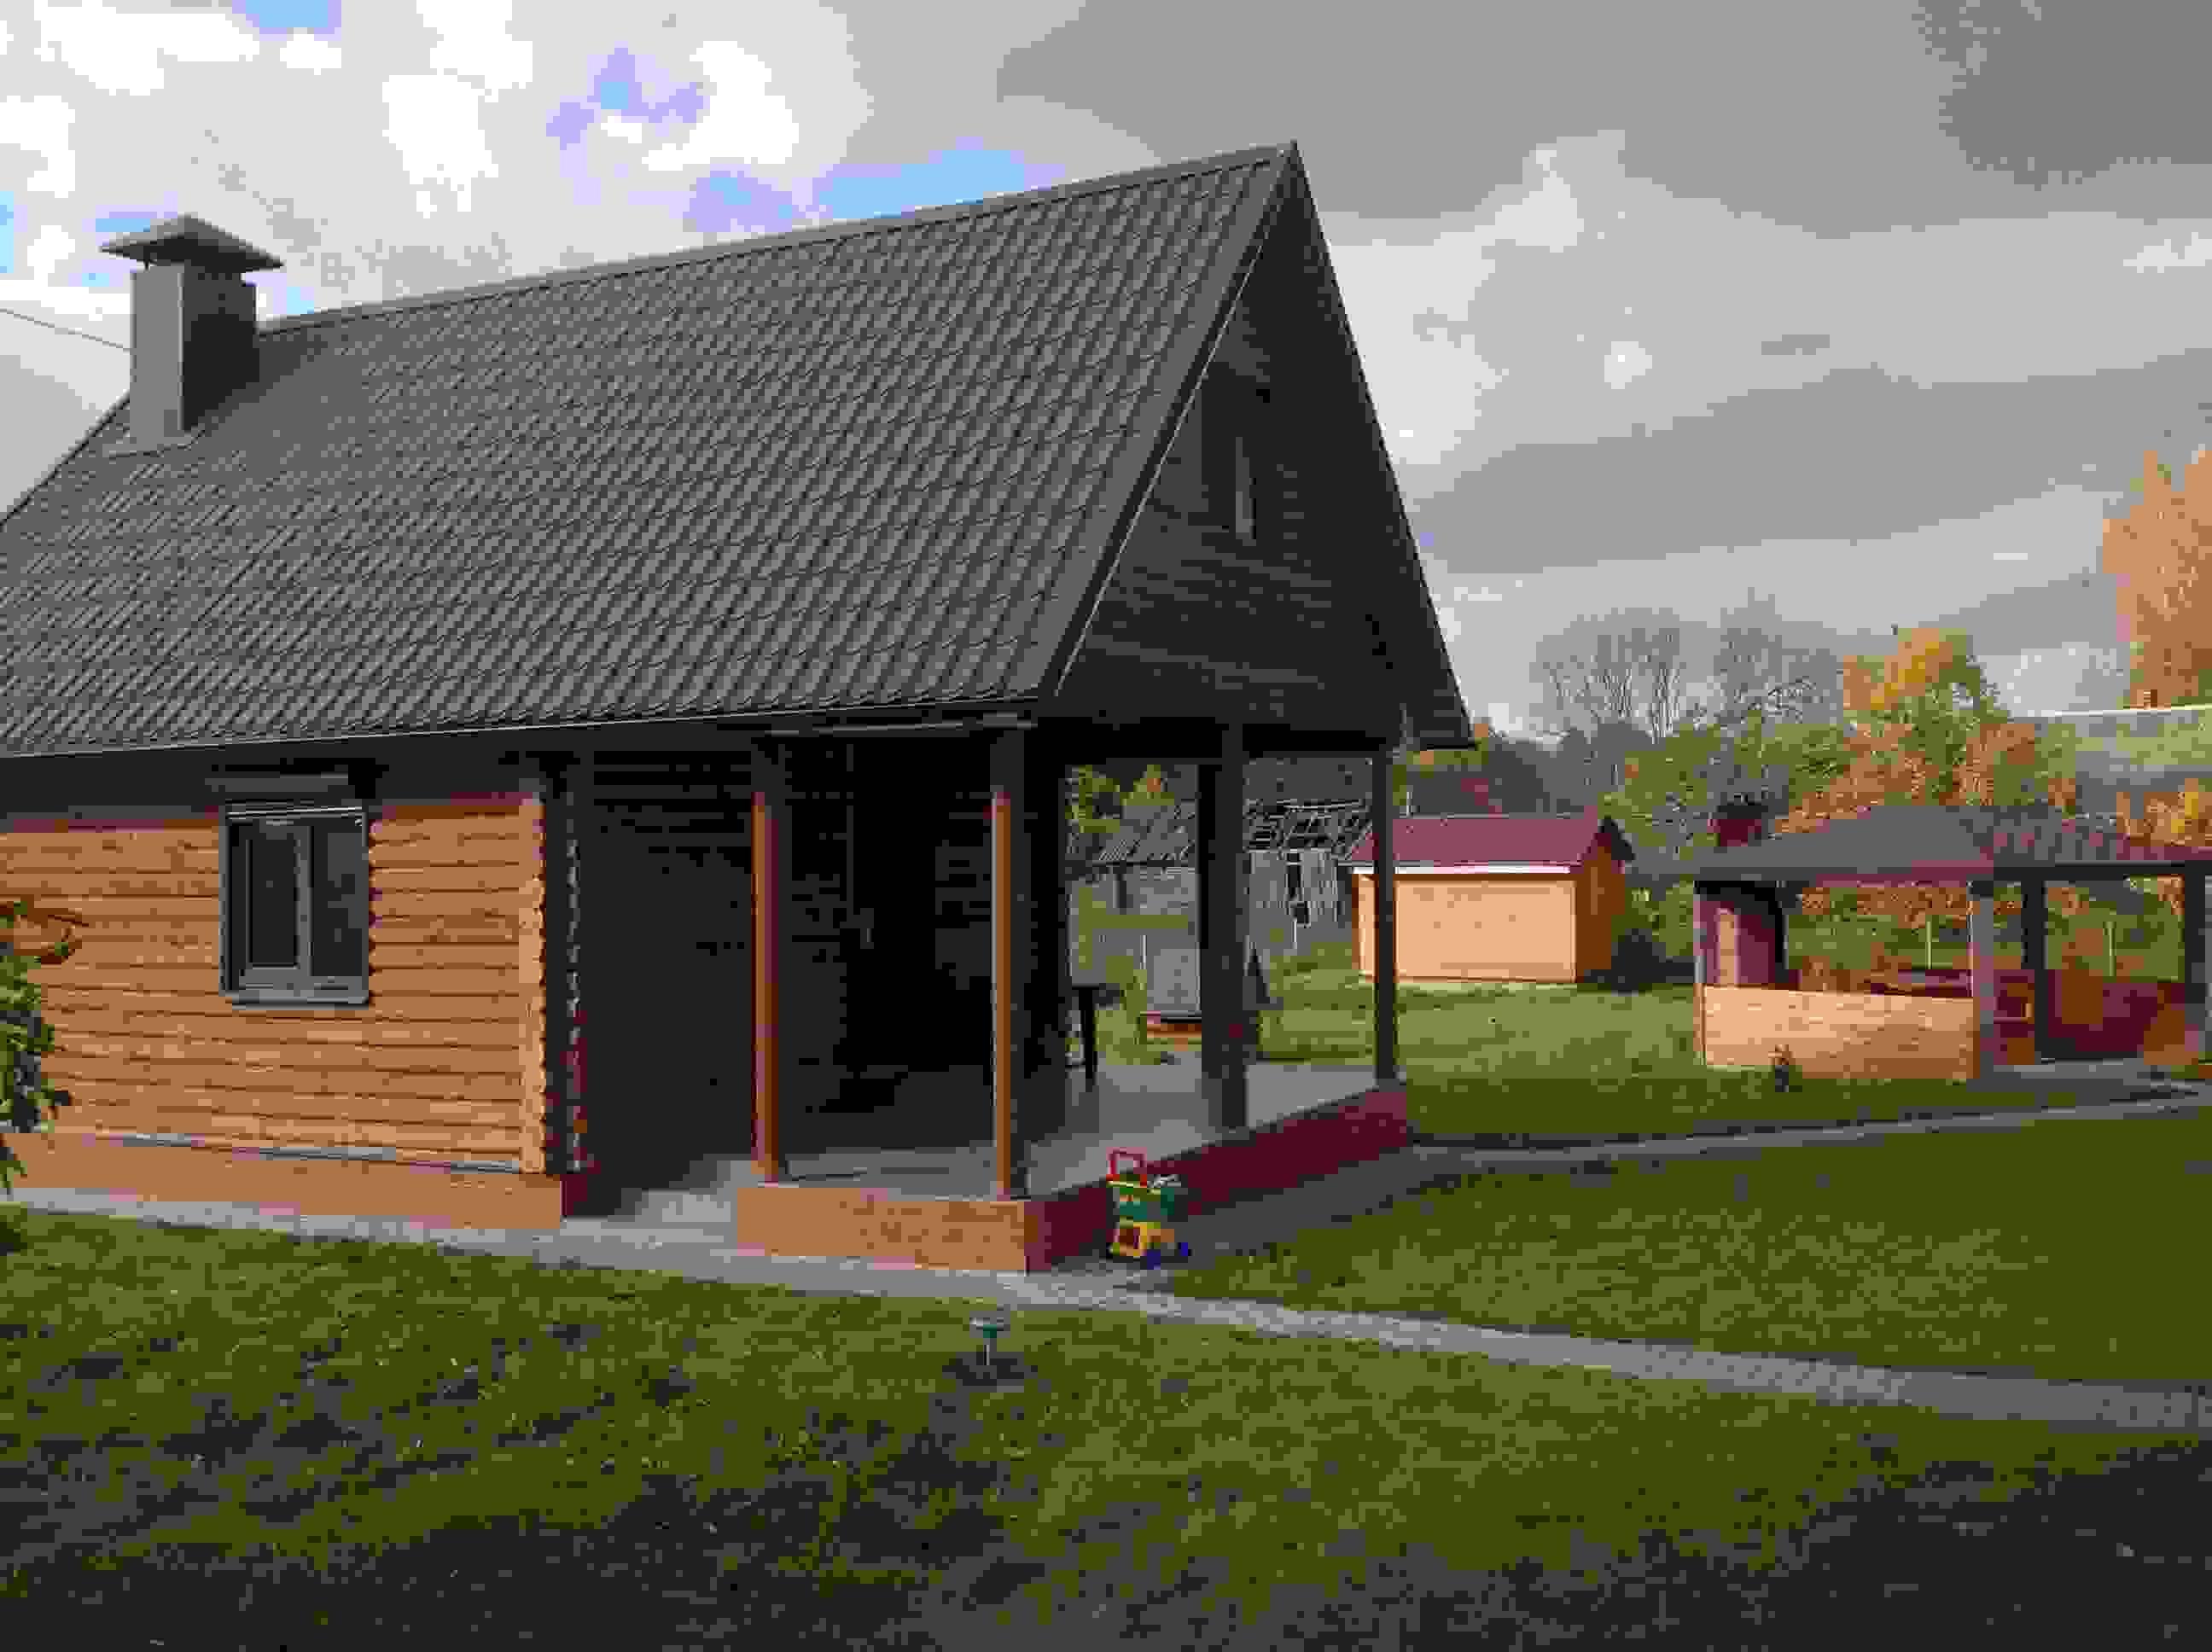 Продам дом в живописном месте Витебской обл.Лепельском районе,д. Оконо